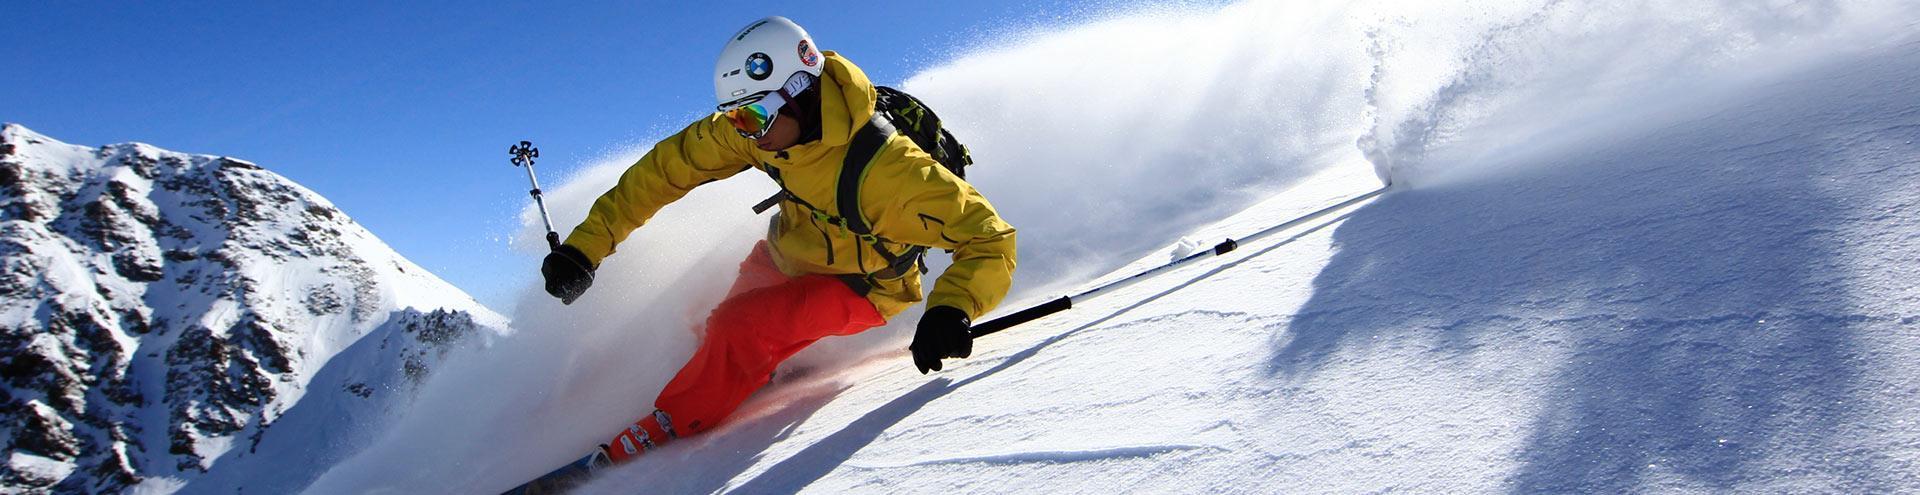 Skiurlaub sulden ideales 4 hotel f r winterferien im for Designhotel skigebiet